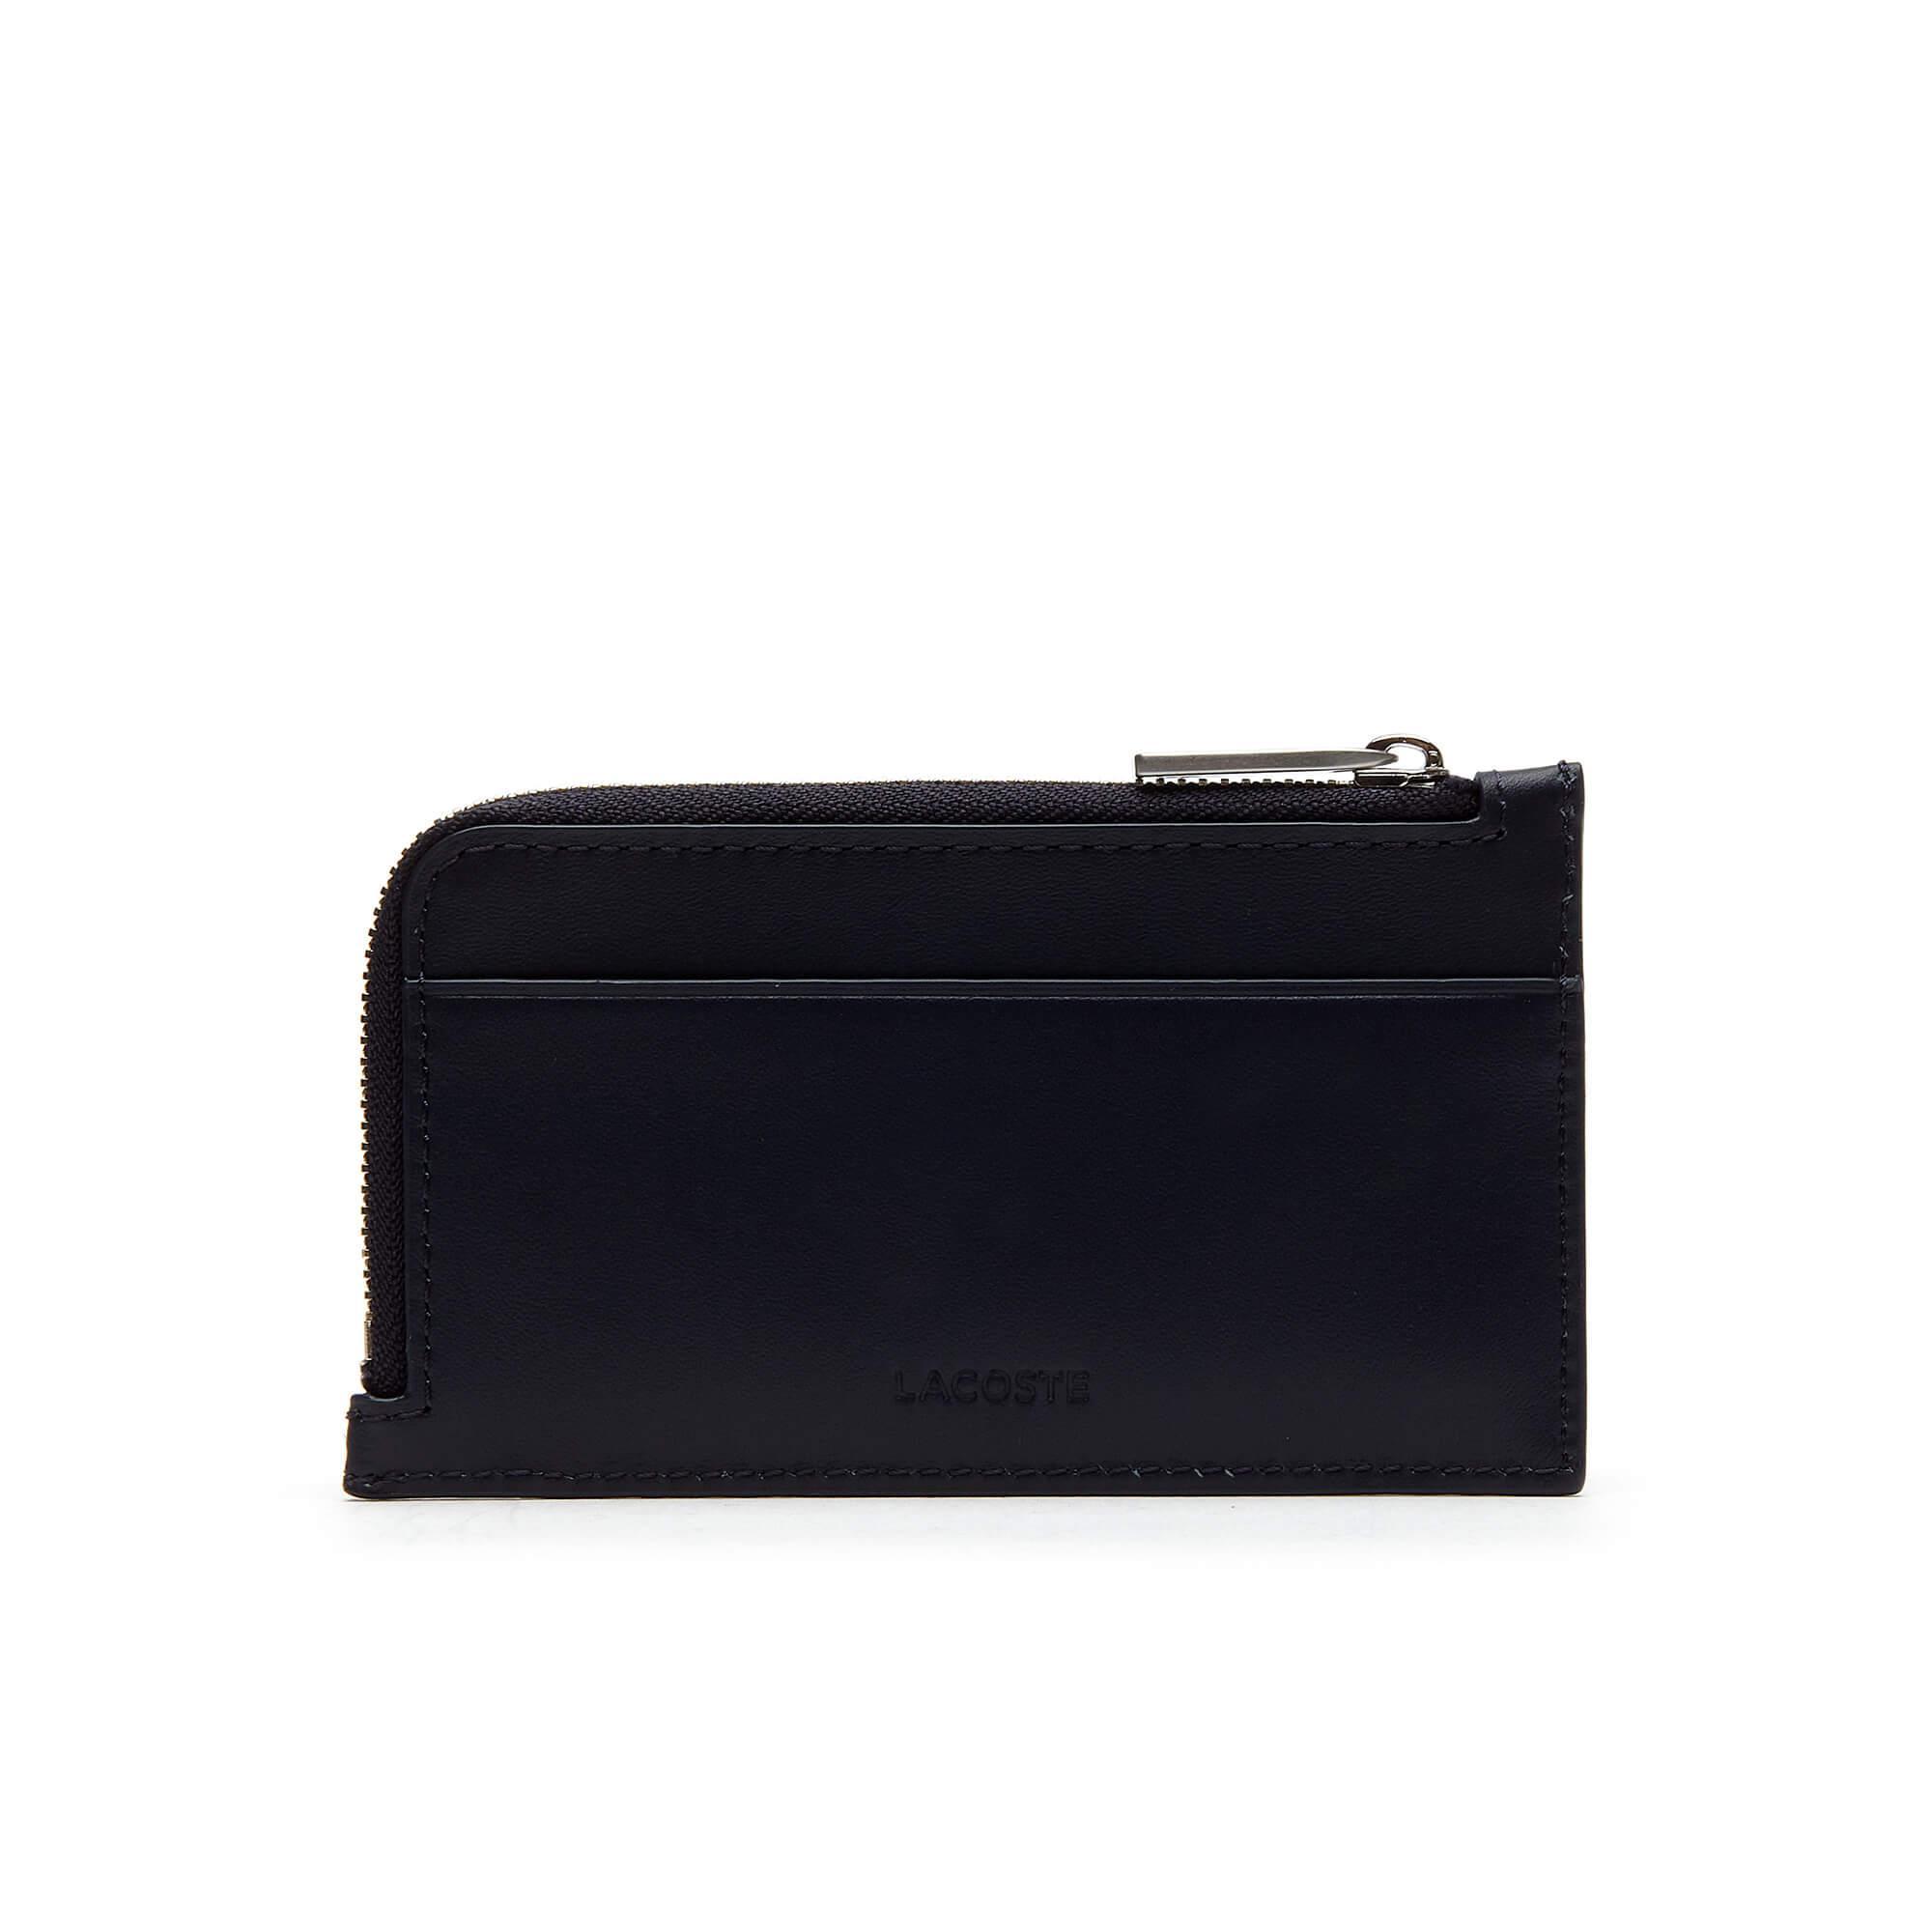 Lacoste гаманець чоловічий Fitzerald